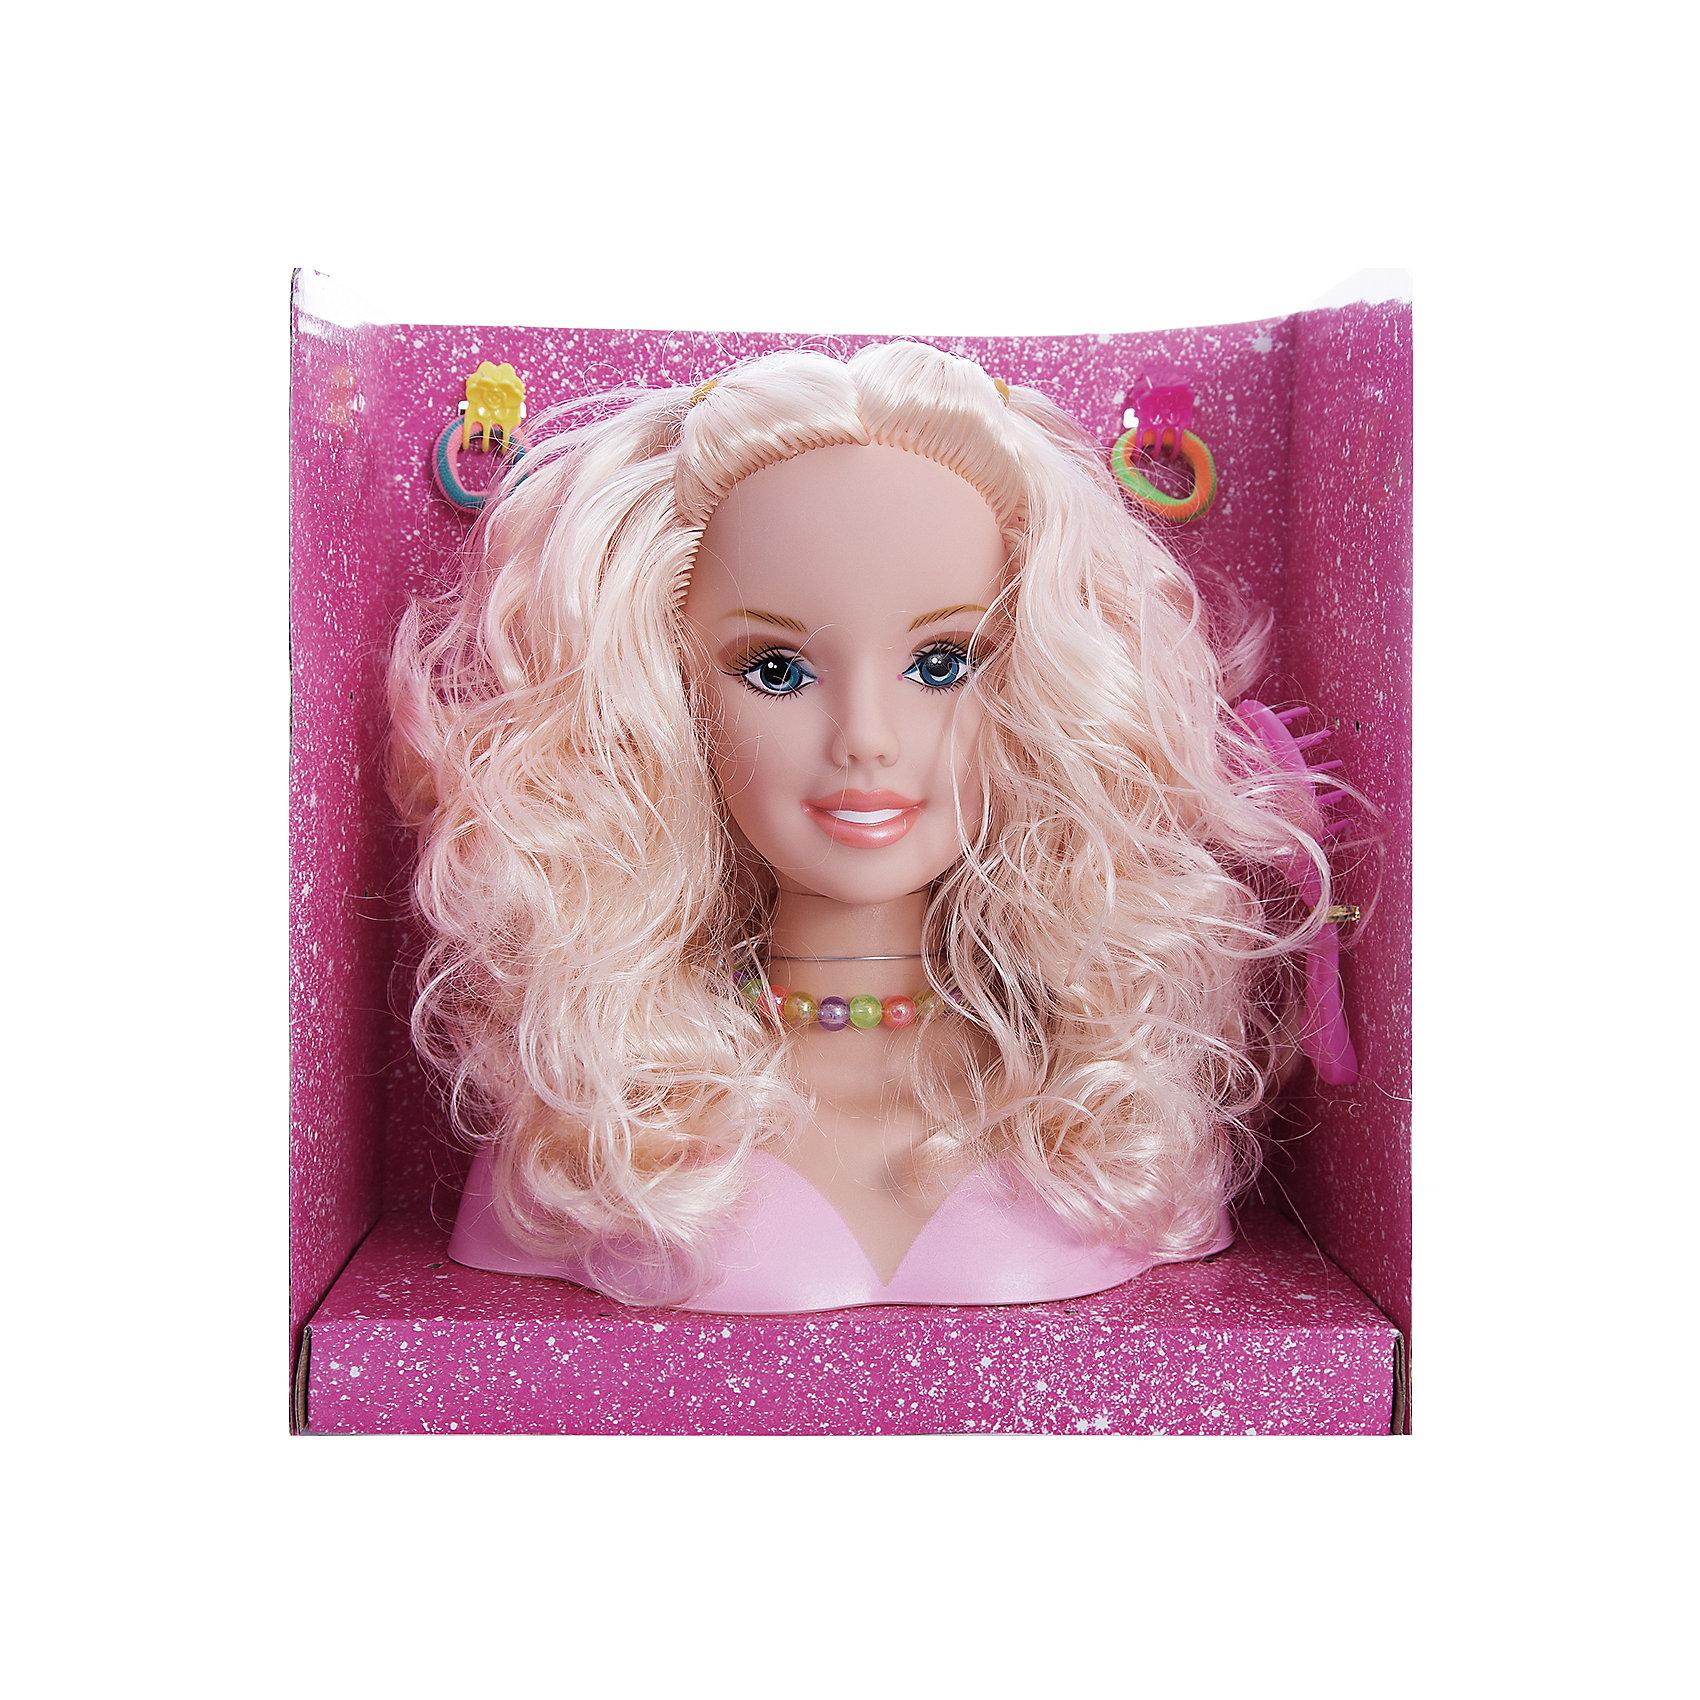 Набор стилиста Мечта-2, Shantou GepaiСюжетно-ролевые игры<br>Набор стилиста Мечта-2, Shantou Gepai.<br><br>Характеристики:<br><br>• В наборе: кукла-манекен (бюст) с аксессуарами<br>• Материал: пластик, текстиль<br>• Упаковка: картонная коробка блистерного типа<br>• Размер упаковки: 23,5х10,5х25,5 см.<br><br>Кукла-манекен - подарок для девочки, которая готовится войти в мир взрослой моды! Куклу можно расчесывать и делать ей различные прически. Ваша девочка сможет вообразить себя профессиональным стилистом в собственном салоне красоты и увлекательно провести время за интересными играми на тему парикмахерской.<br><br>Набор стилиста Мечта-2, Shantou Gepai можно купить в нашем интернет-магазине.<br><br>Ширина мм: 235<br>Глубина мм: 105<br>Высота мм: 255<br>Вес г: 492<br>Возраст от месяцев: 36<br>Возраст до месяцев: 2147483647<br>Пол: Женский<br>Возраст: Детский<br>SKU: 5450227